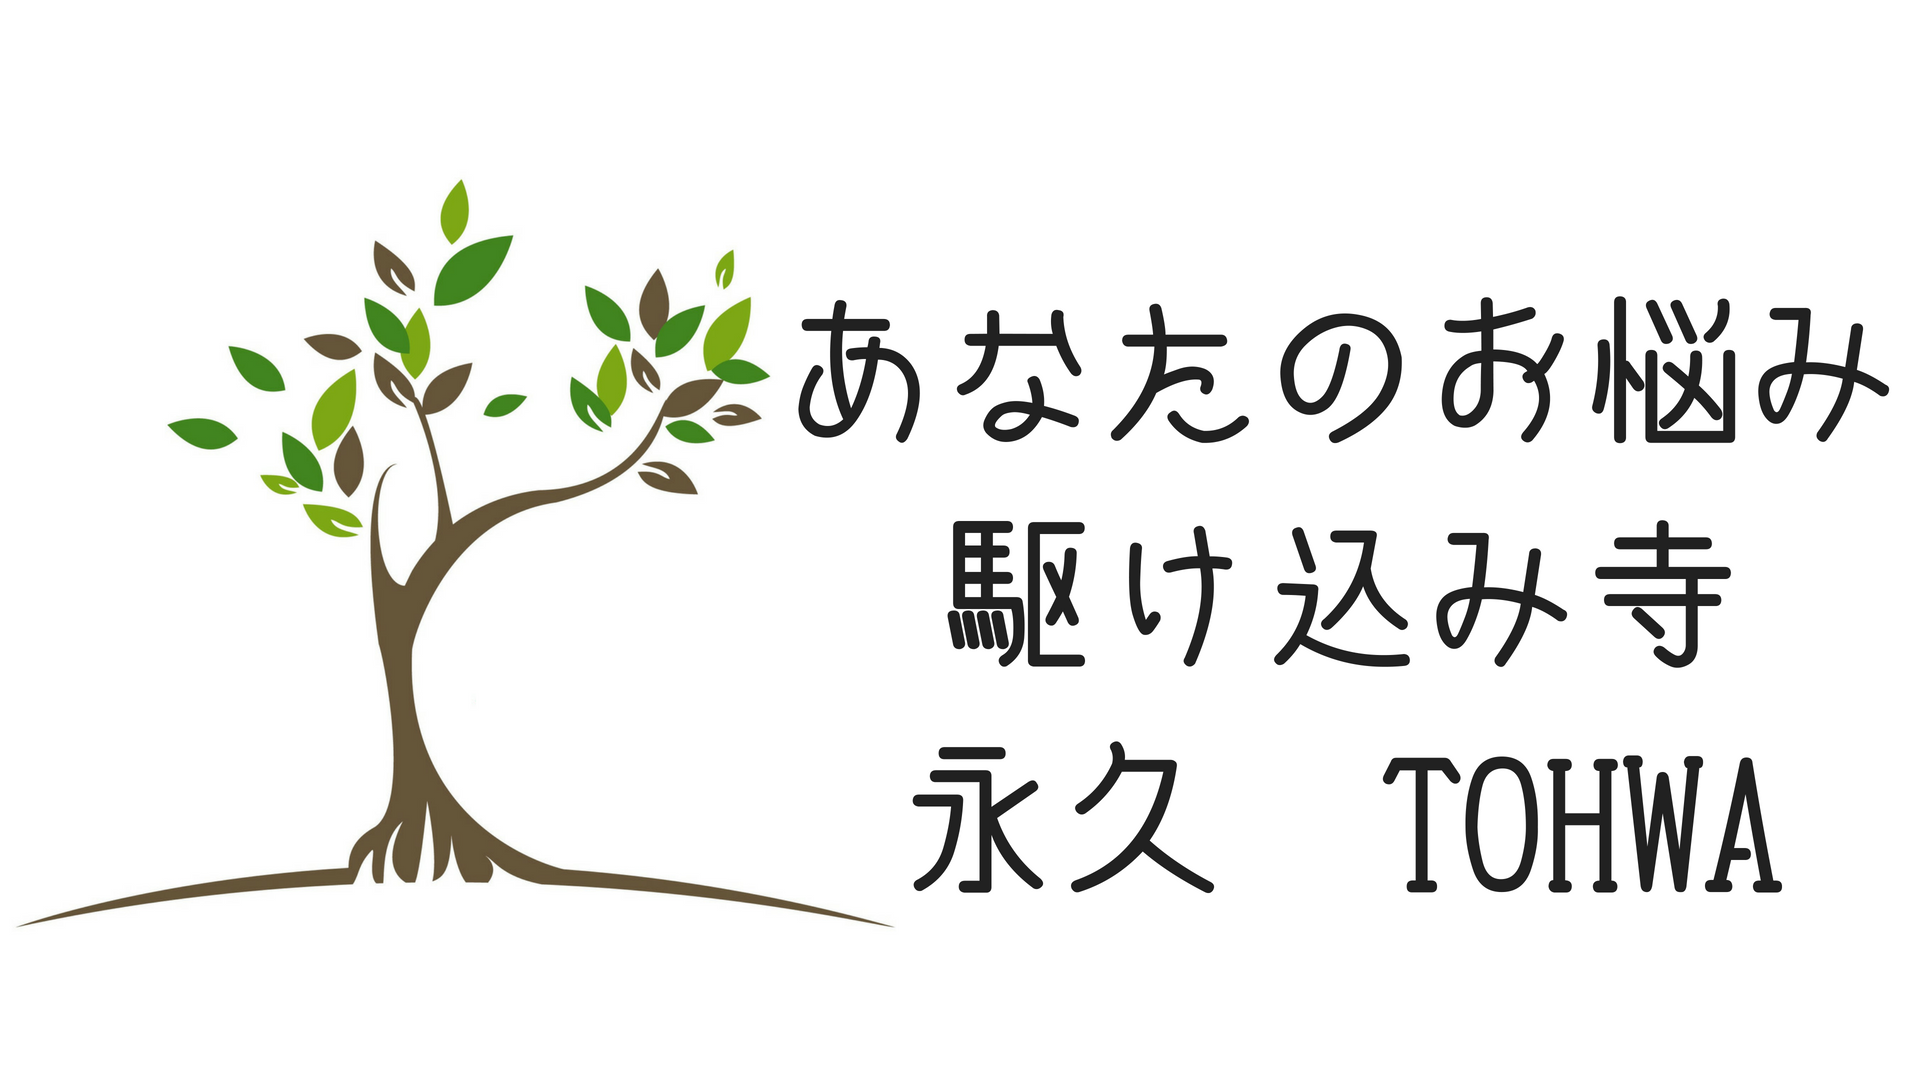 あなたのお悩み駆け込み寺 永久 ~TOHWA~